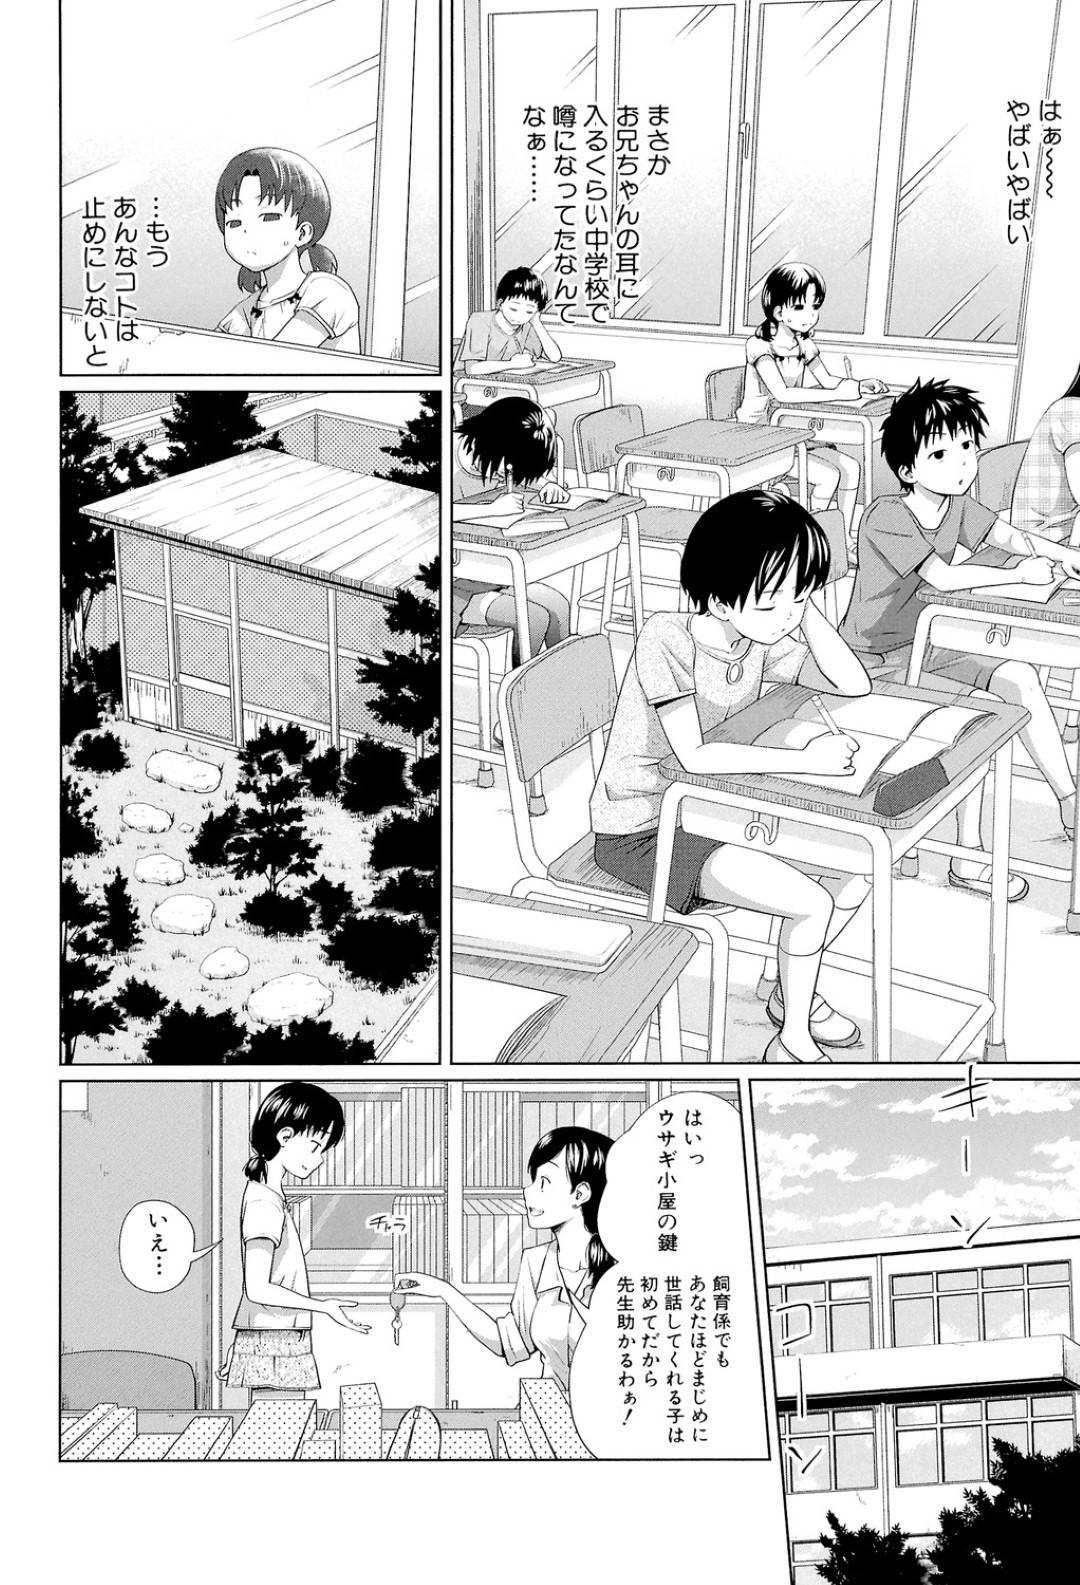 【妹エロ漫画】学校のウサギ小屋で野外オナニーする事に快感を覚えるようになった主人公の妹。隣の中学校から男子達に見られていることに興奮し、潮を吹いて絶頂する!そんな様子を中学校から兄にバレてしまう。【椿十四郎】